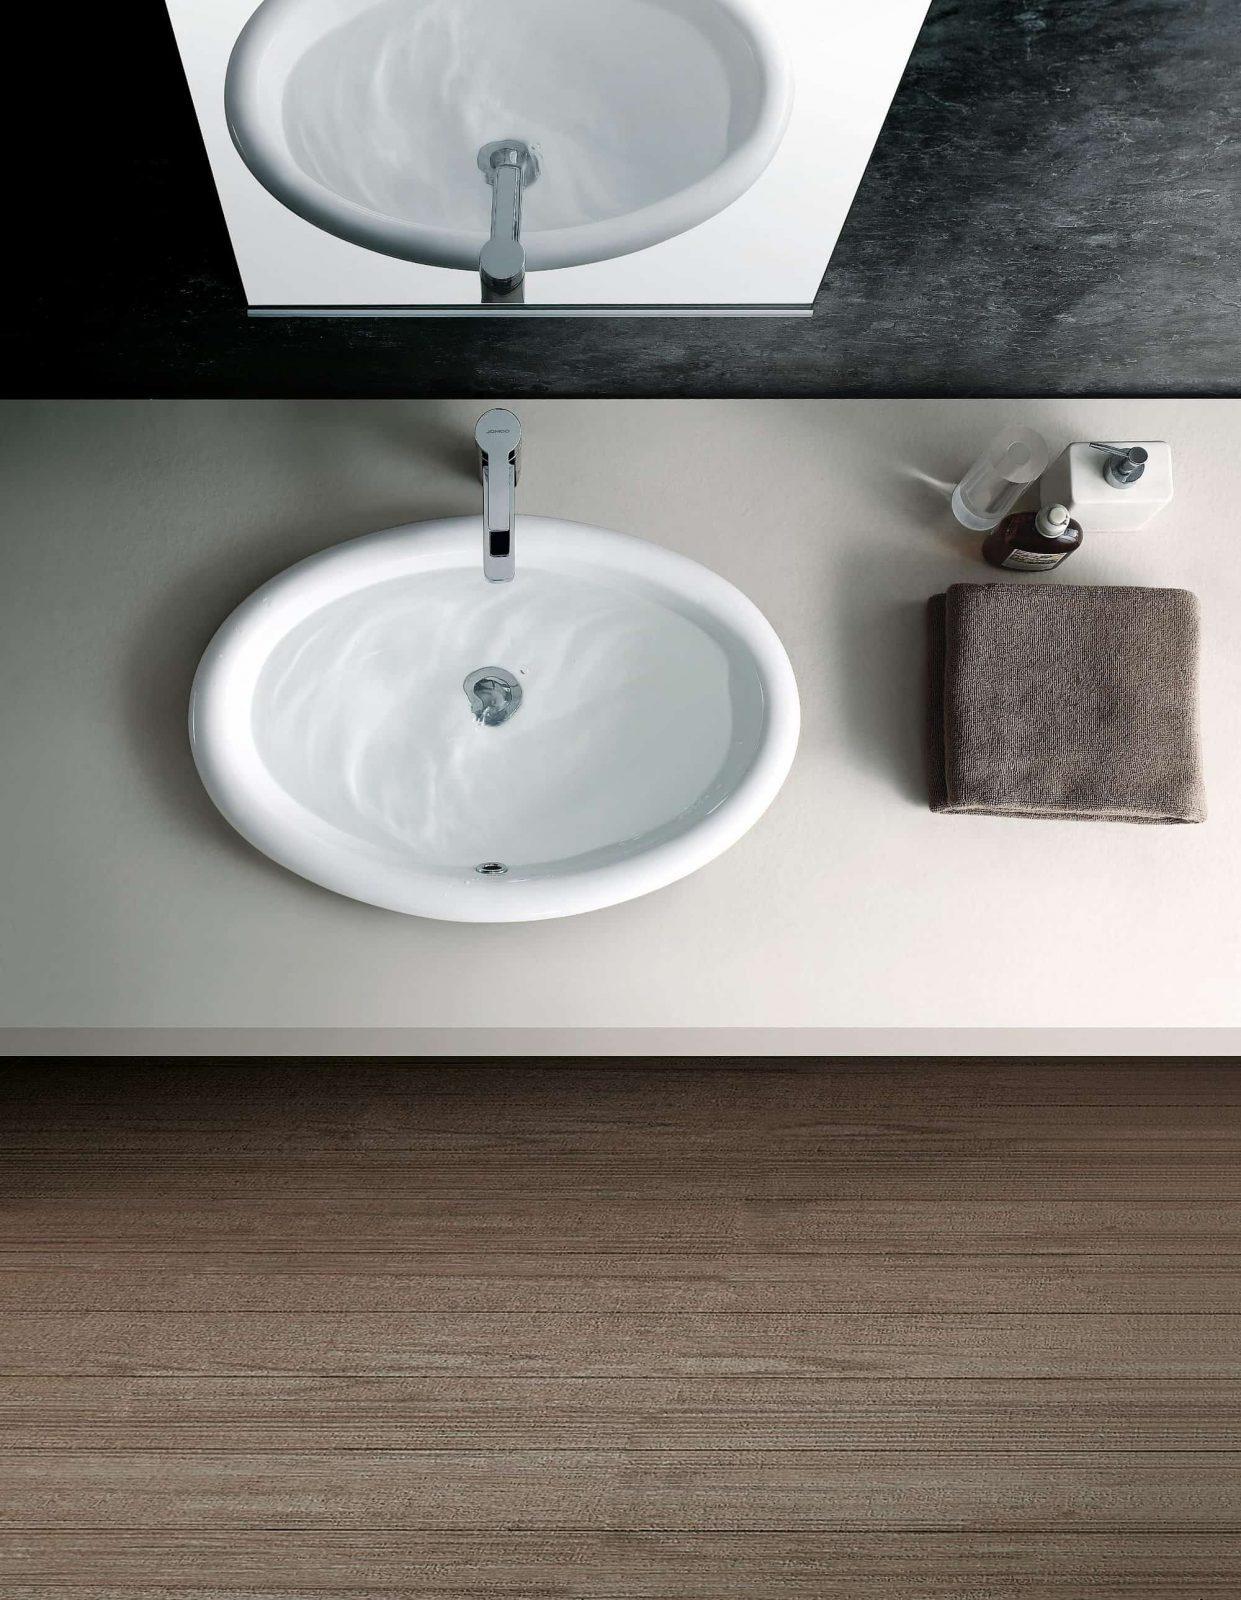 Jomoo Bathrooms